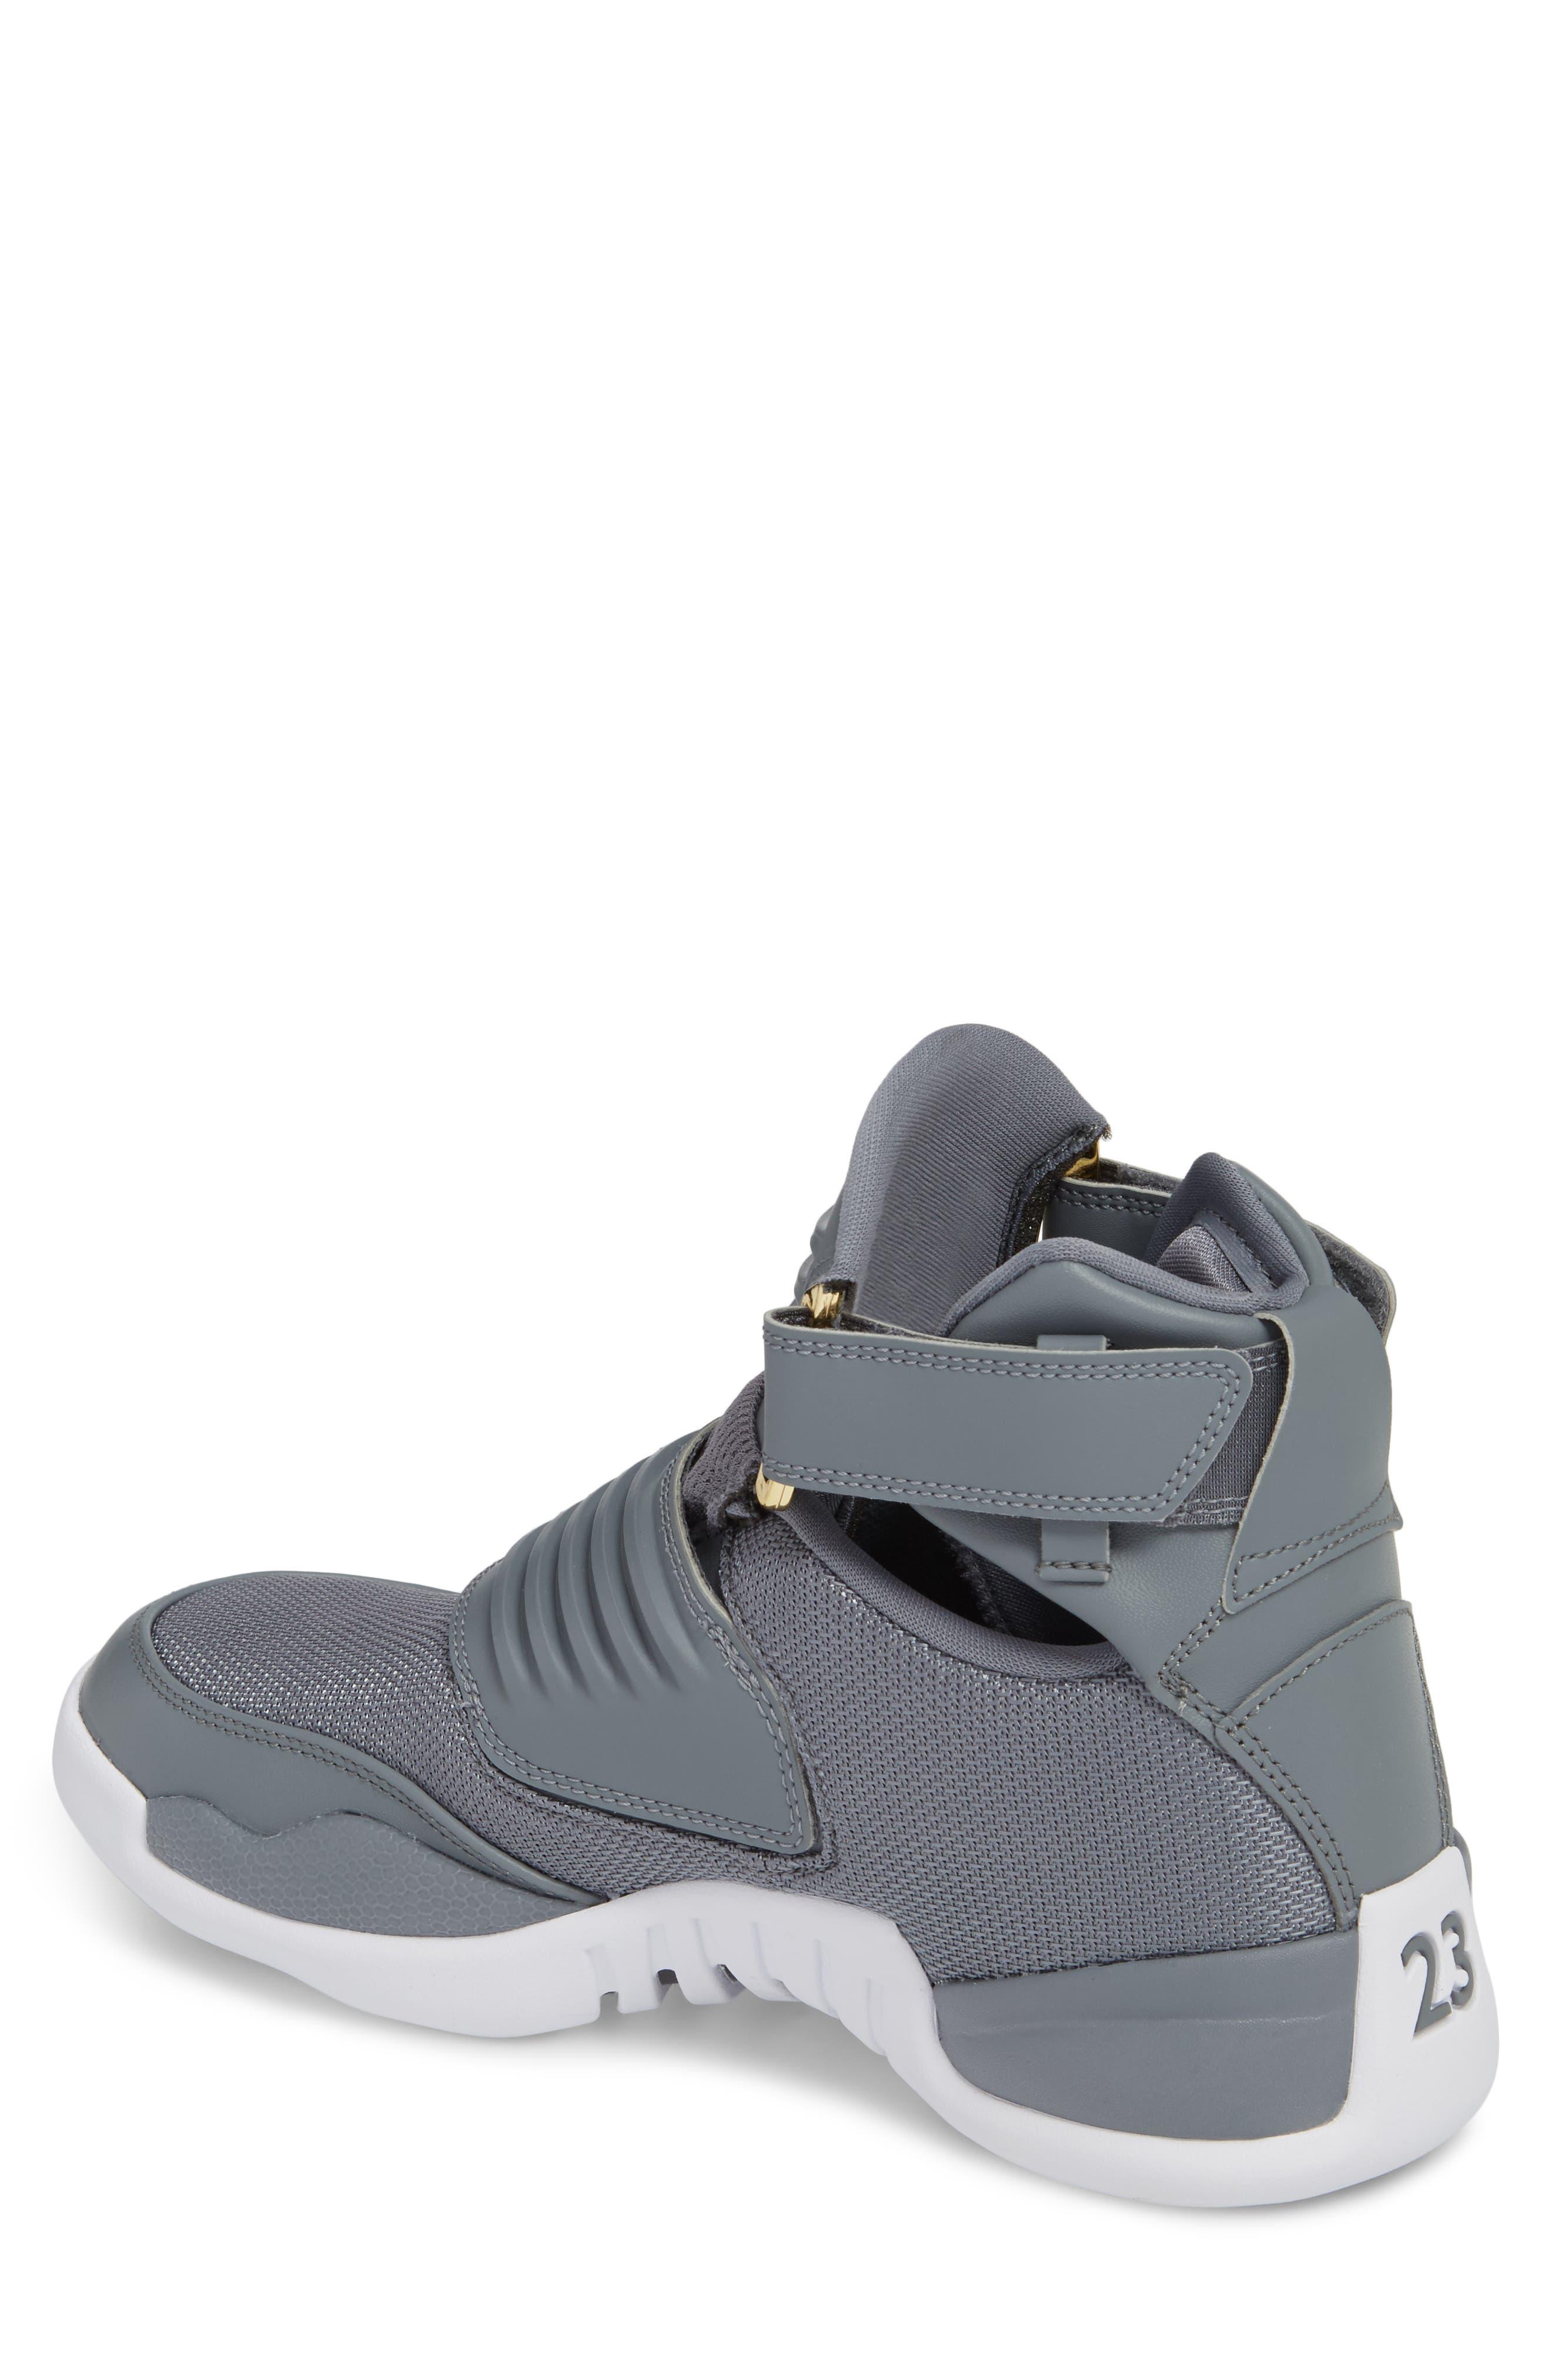 Jordan Generation High Top Sneaker,                             Alternate thumbnail 4, color,